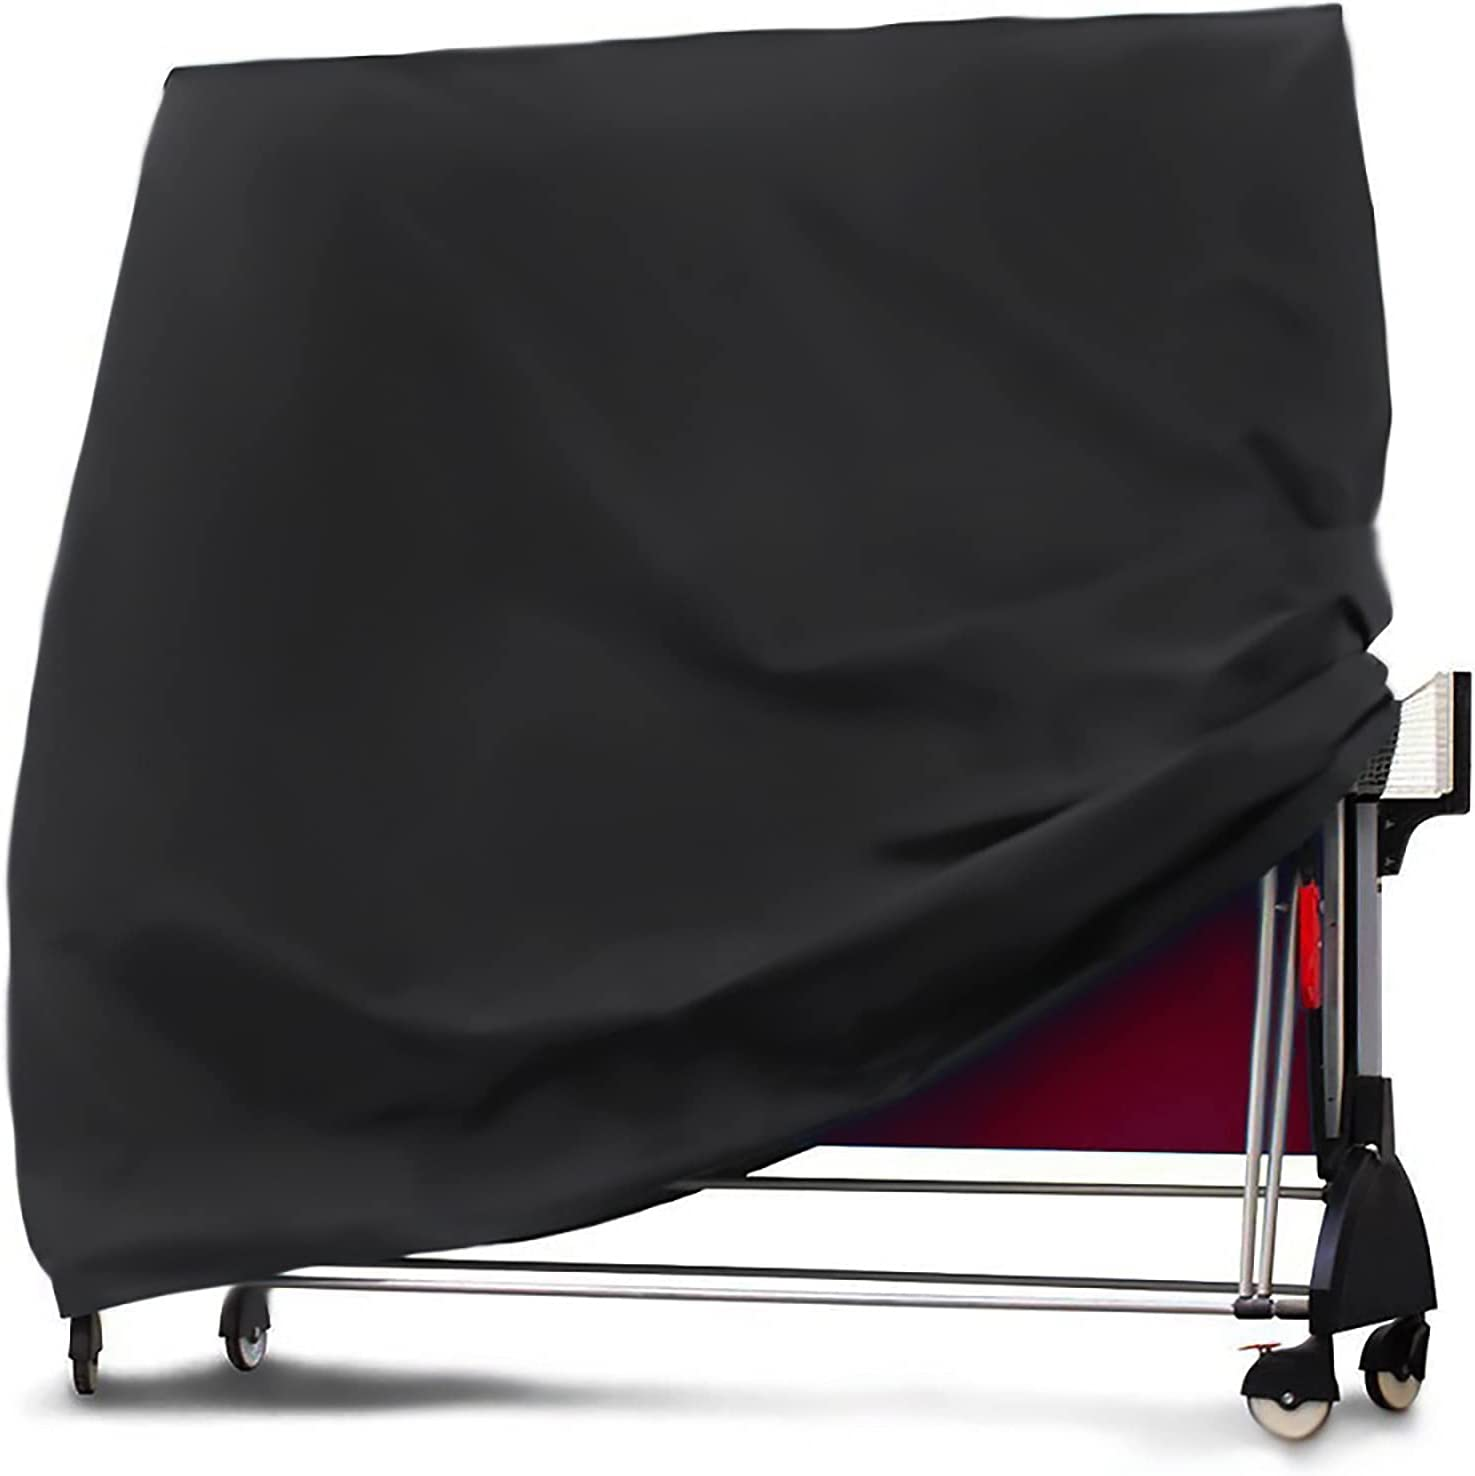 Cubierta de Mesa de Ping Pong Impermeable A Prueba de Viento Anti-UV - Tabla de Tenis de Mesa de Trabajo Resistente a Prueba de Viento, 165 × 70 × 185 cm